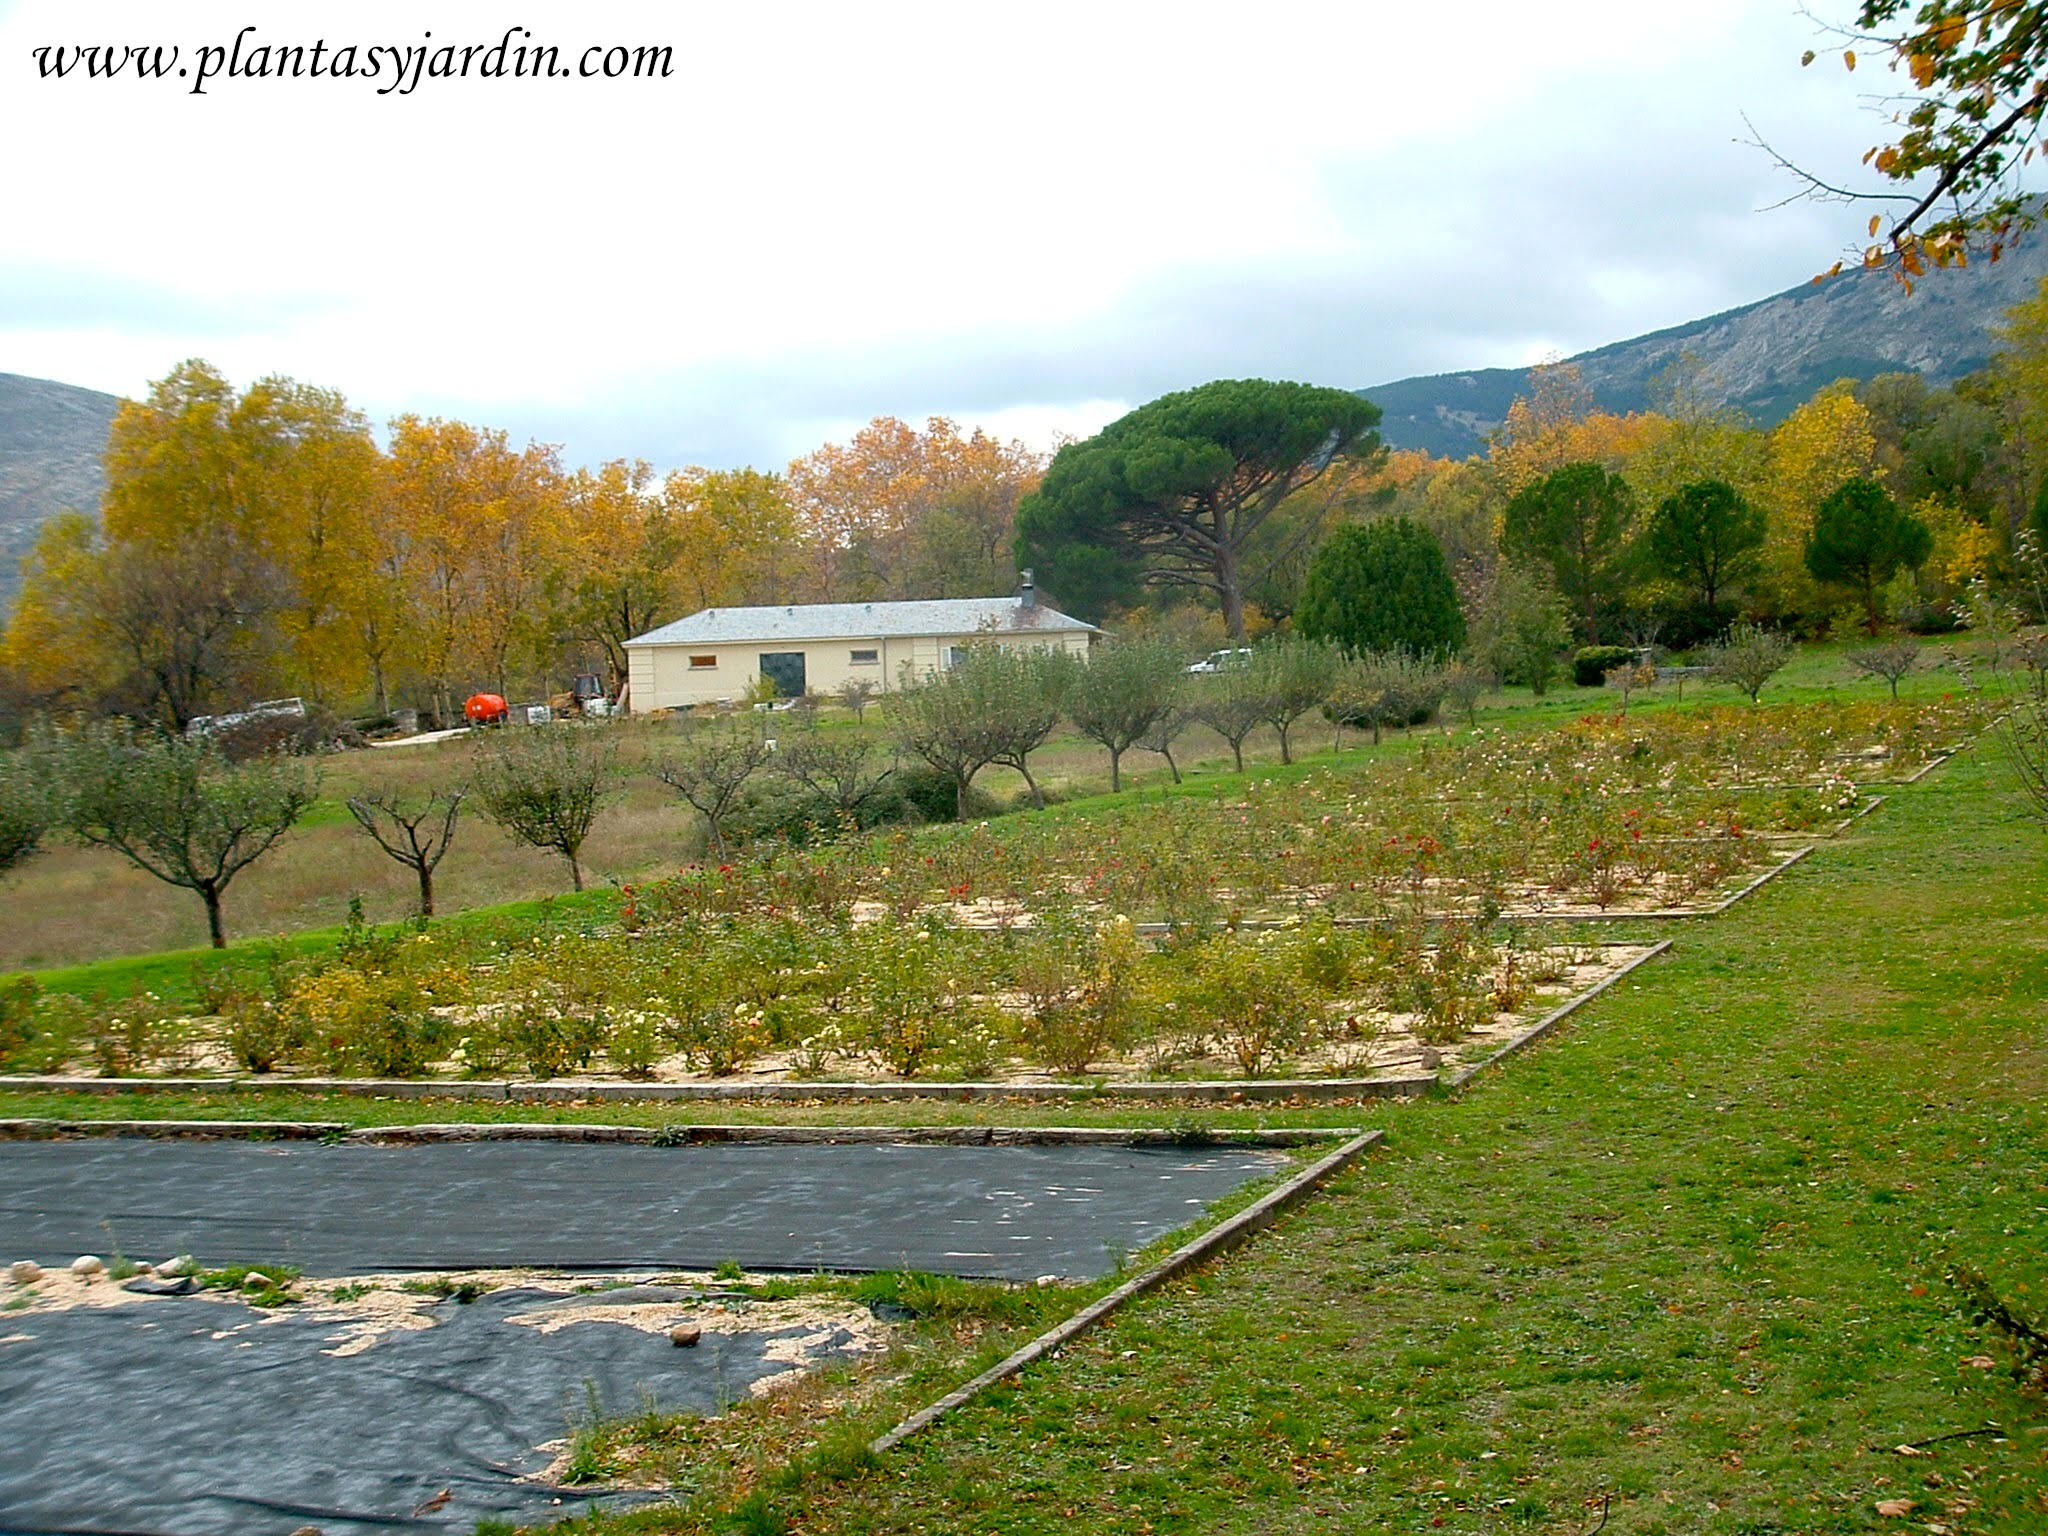 cultivo de plantas ornamentales con un acolchado de plastico negro y arena